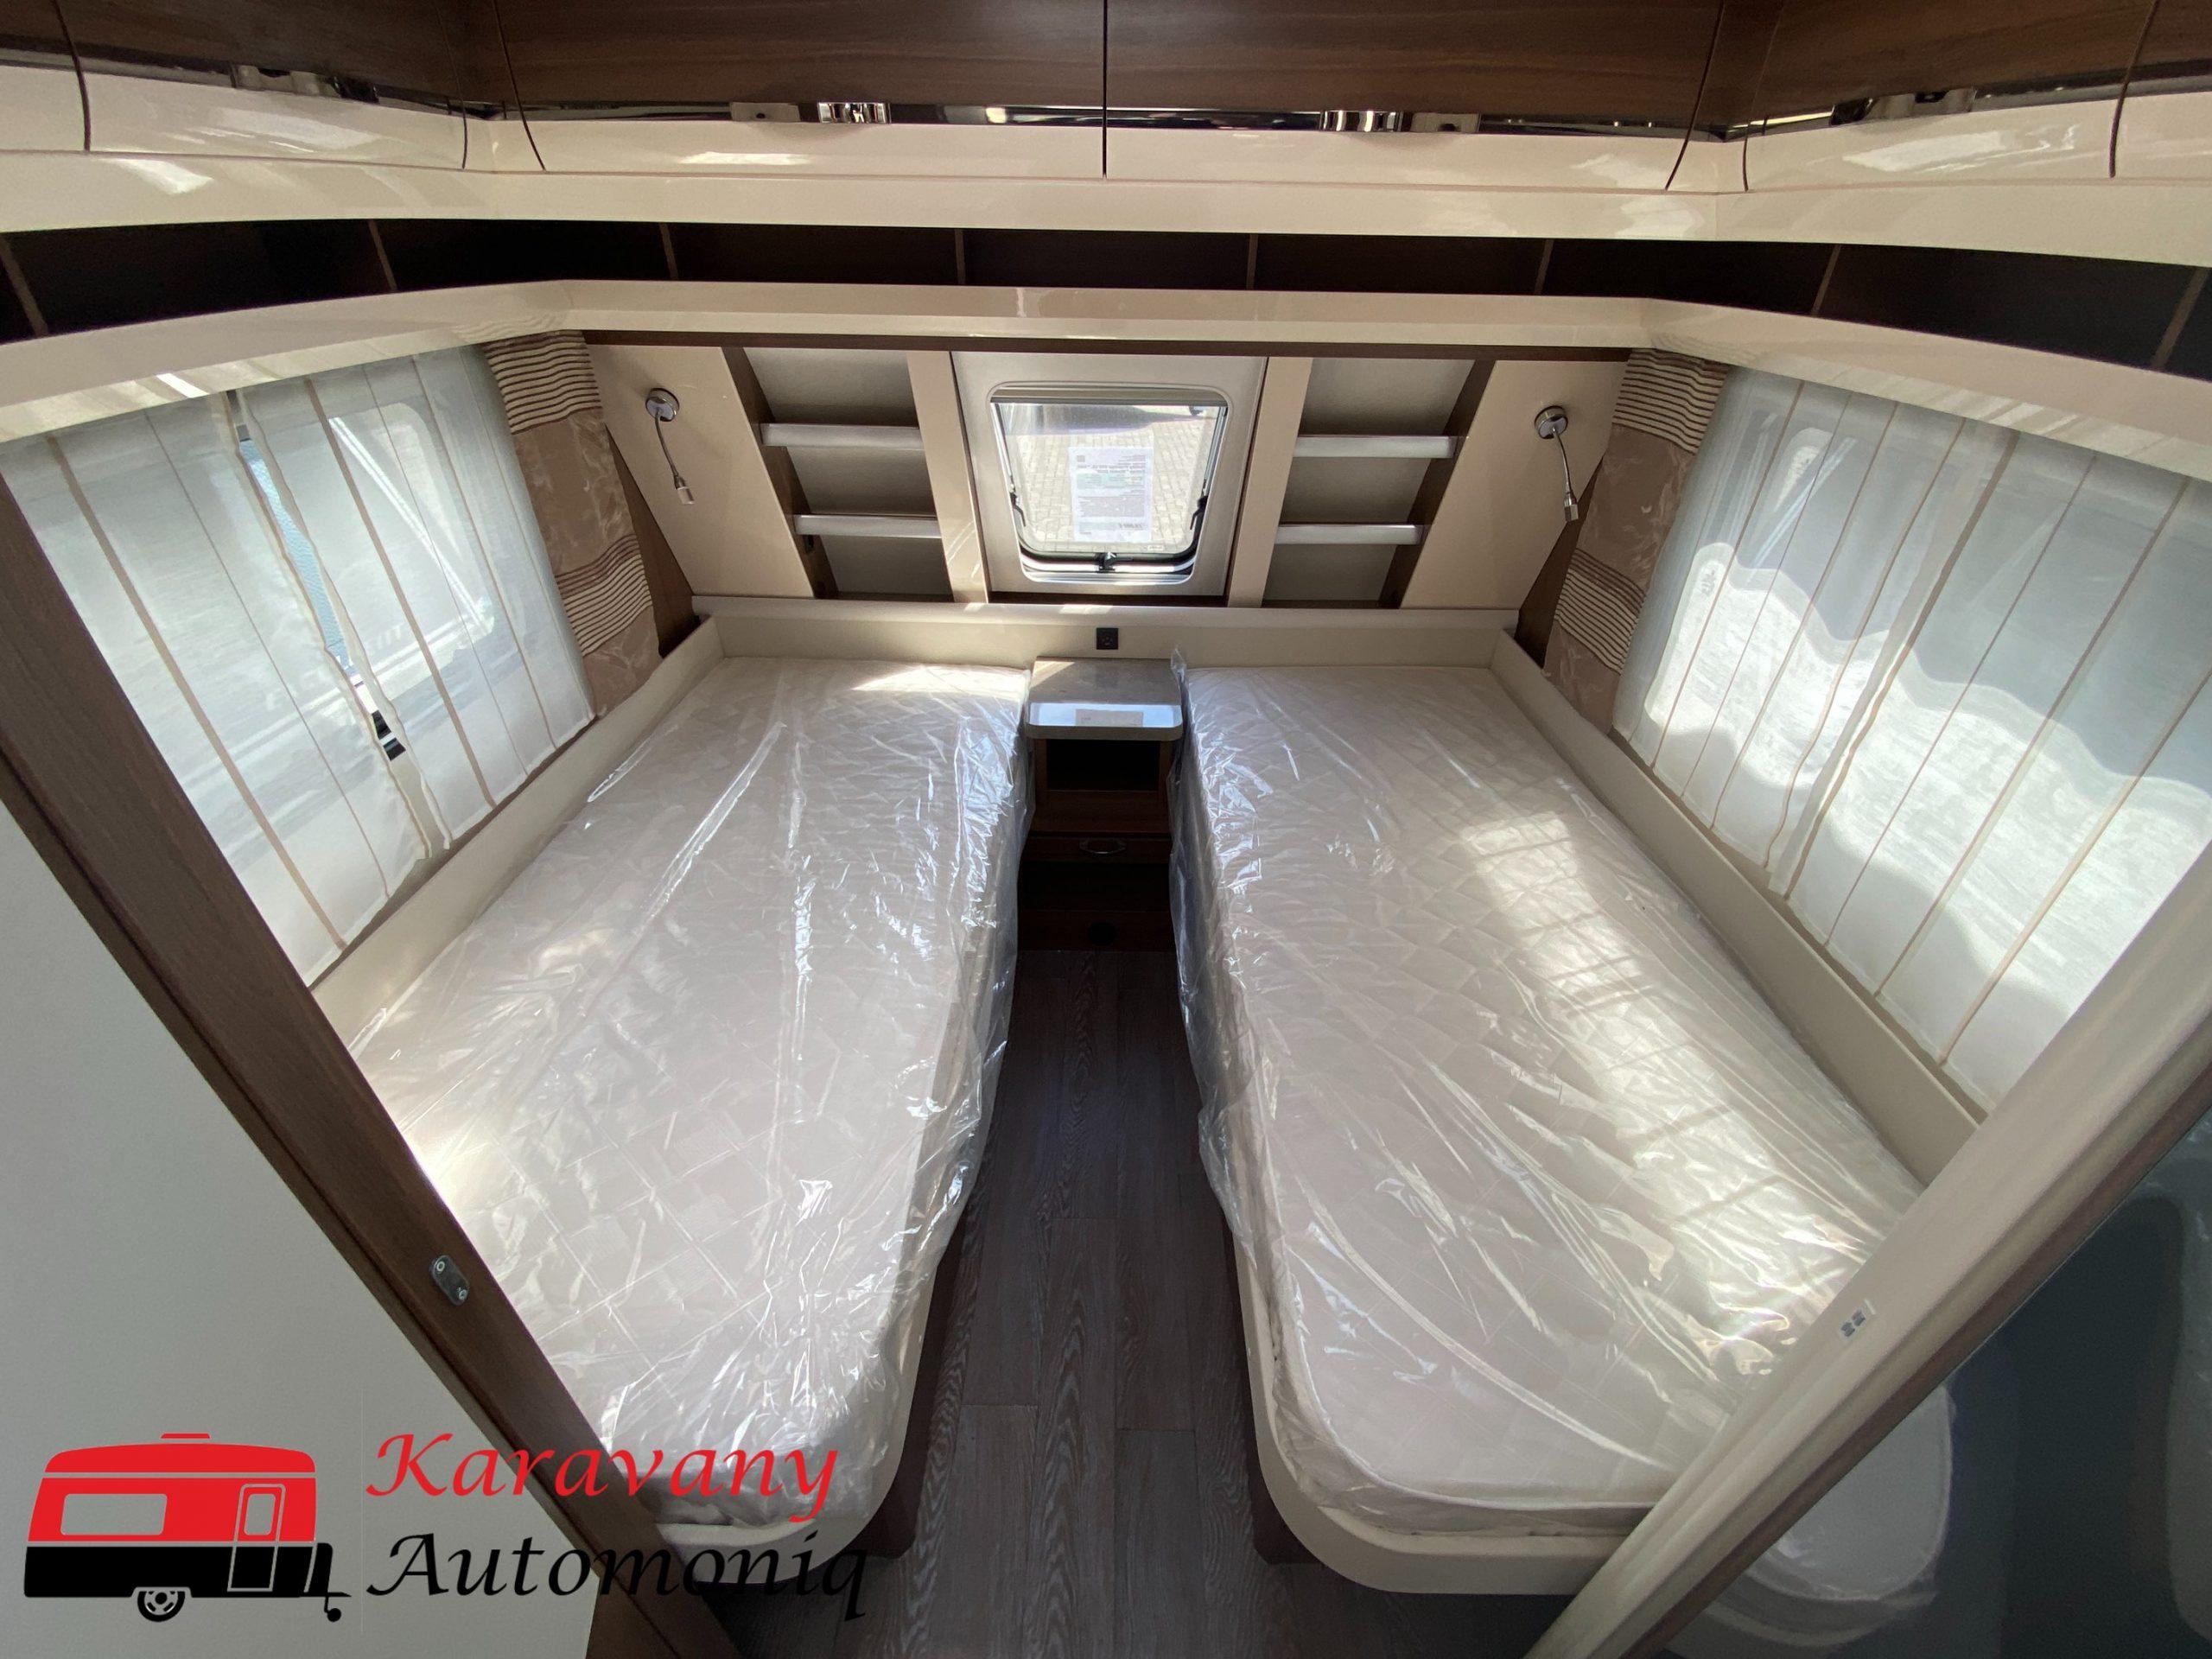 Hobby 495 UL Prestige model 2020 Image